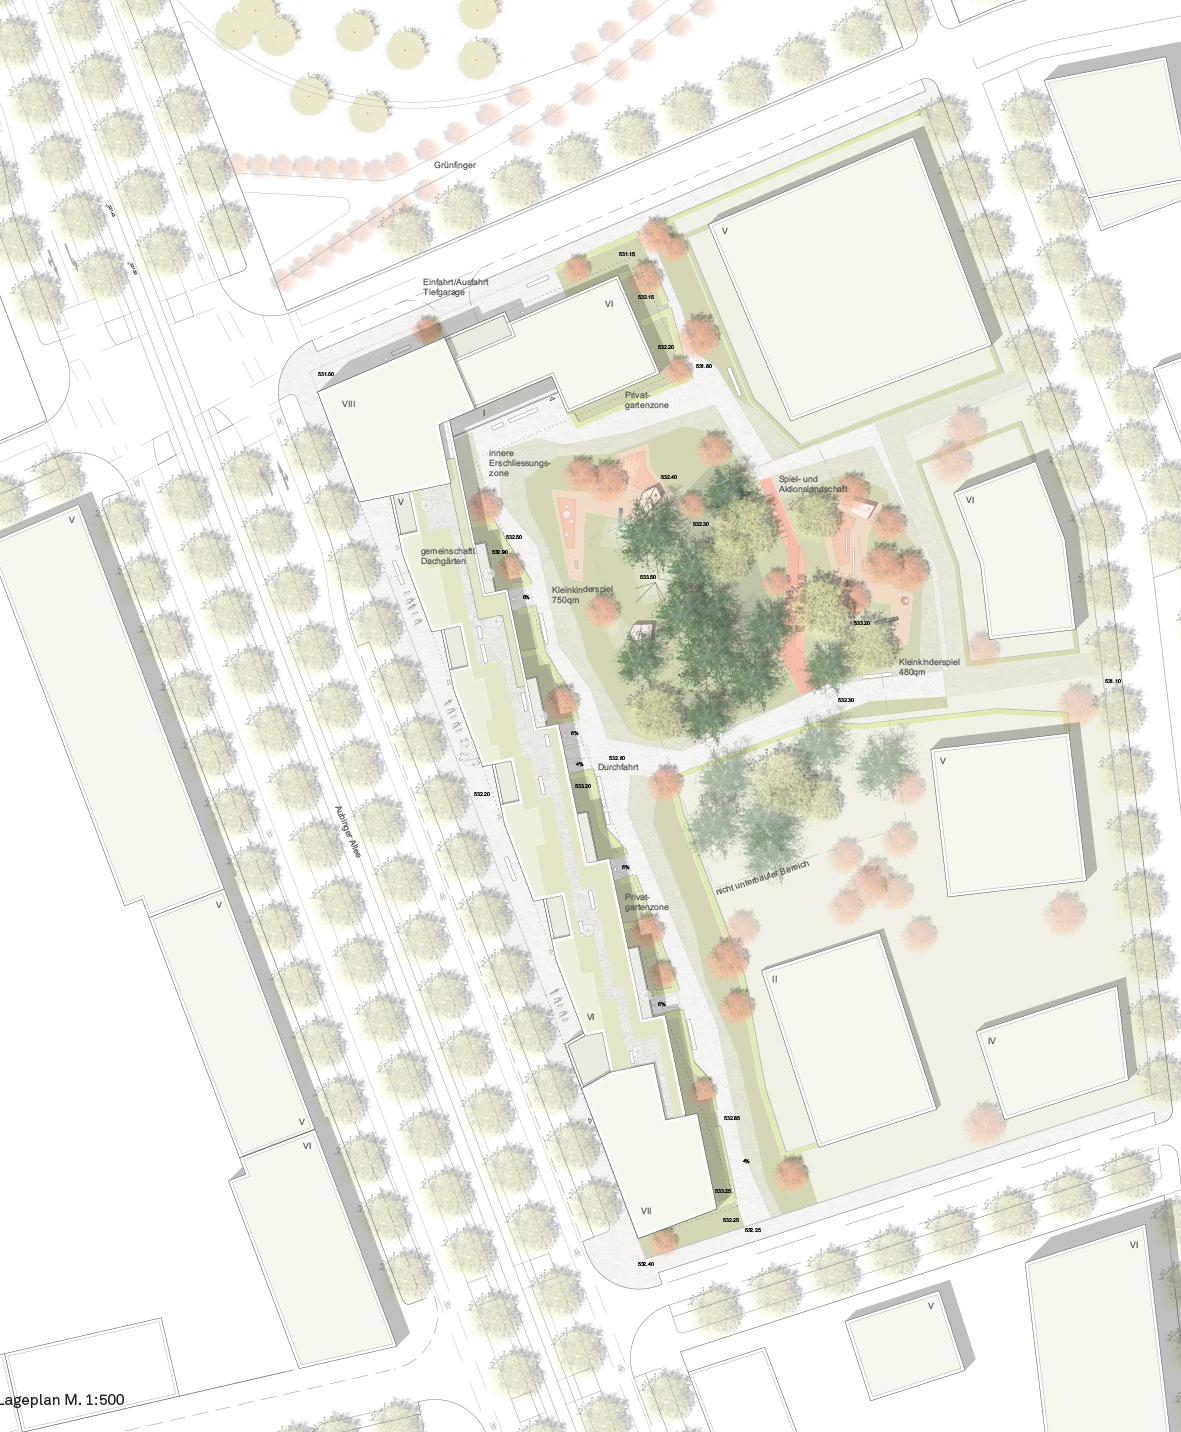 Zweiter realisierungswettbewerb f r freiham nord for 03 architekten